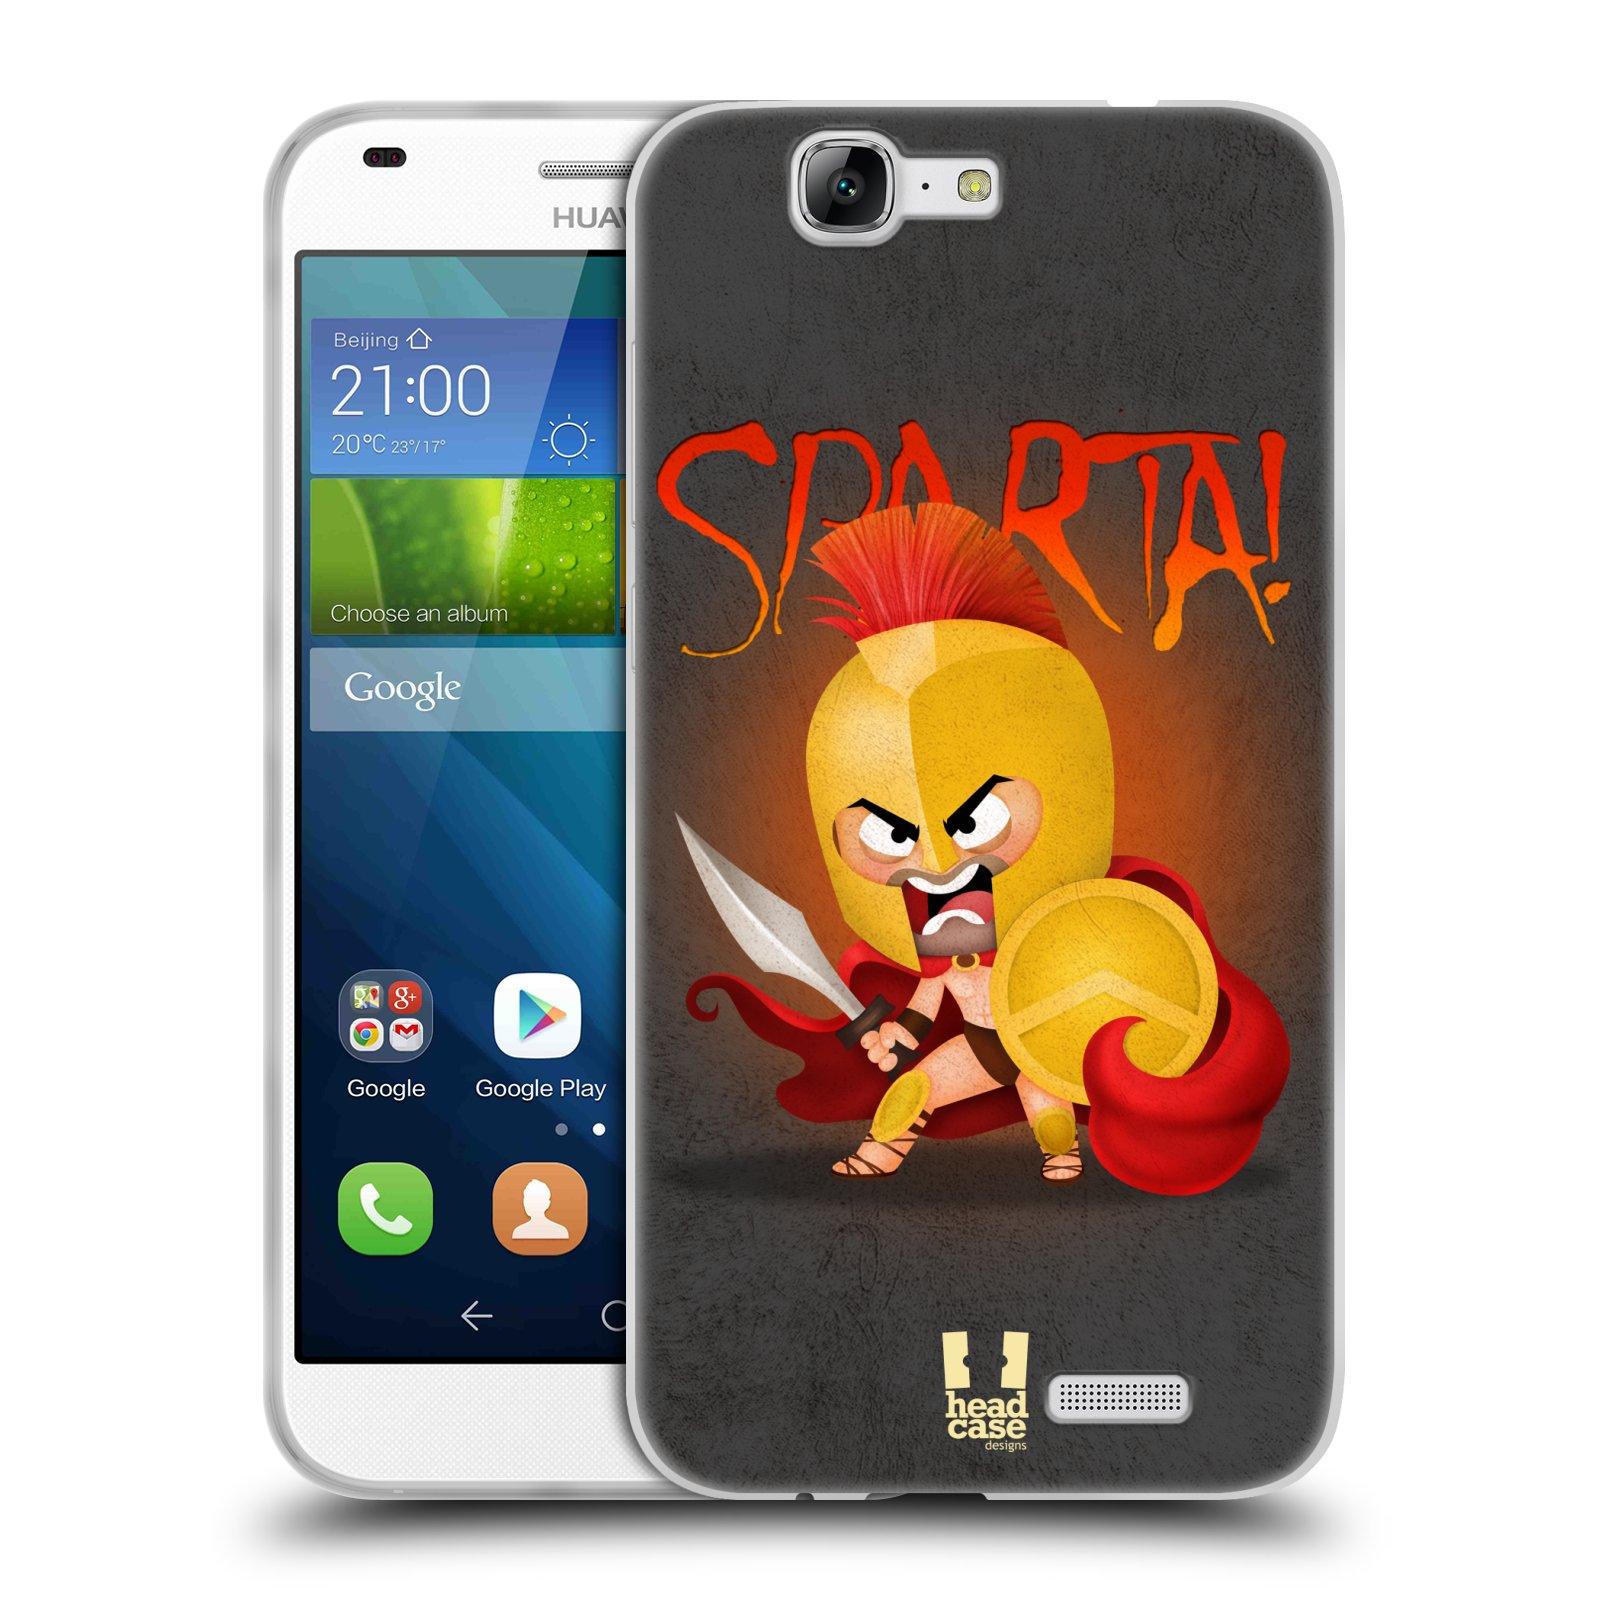 Silikonové pouzdro na mobil Huawei Ascend G7 HEAD CASE Sparta (Silikonový kryt či obal na mobilní telefon Huawei Ascend G7)